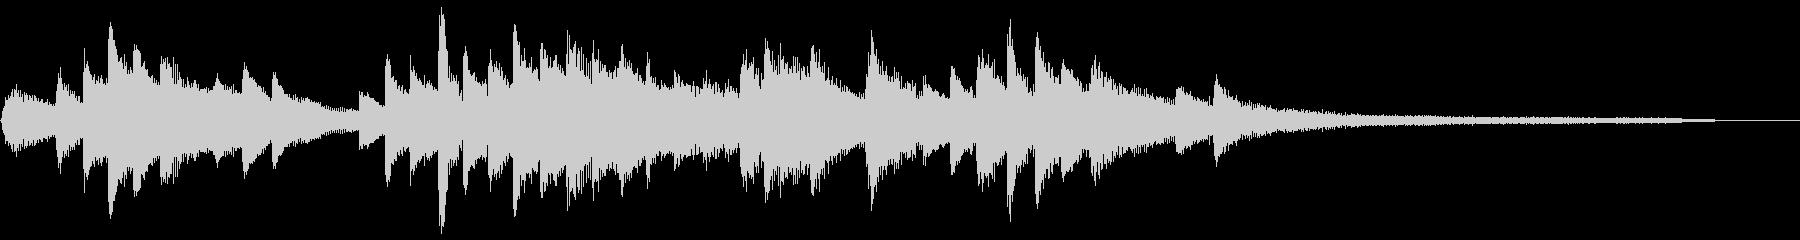 和風のジングル1-ピアノソロ(高音強調)の未再生の波形